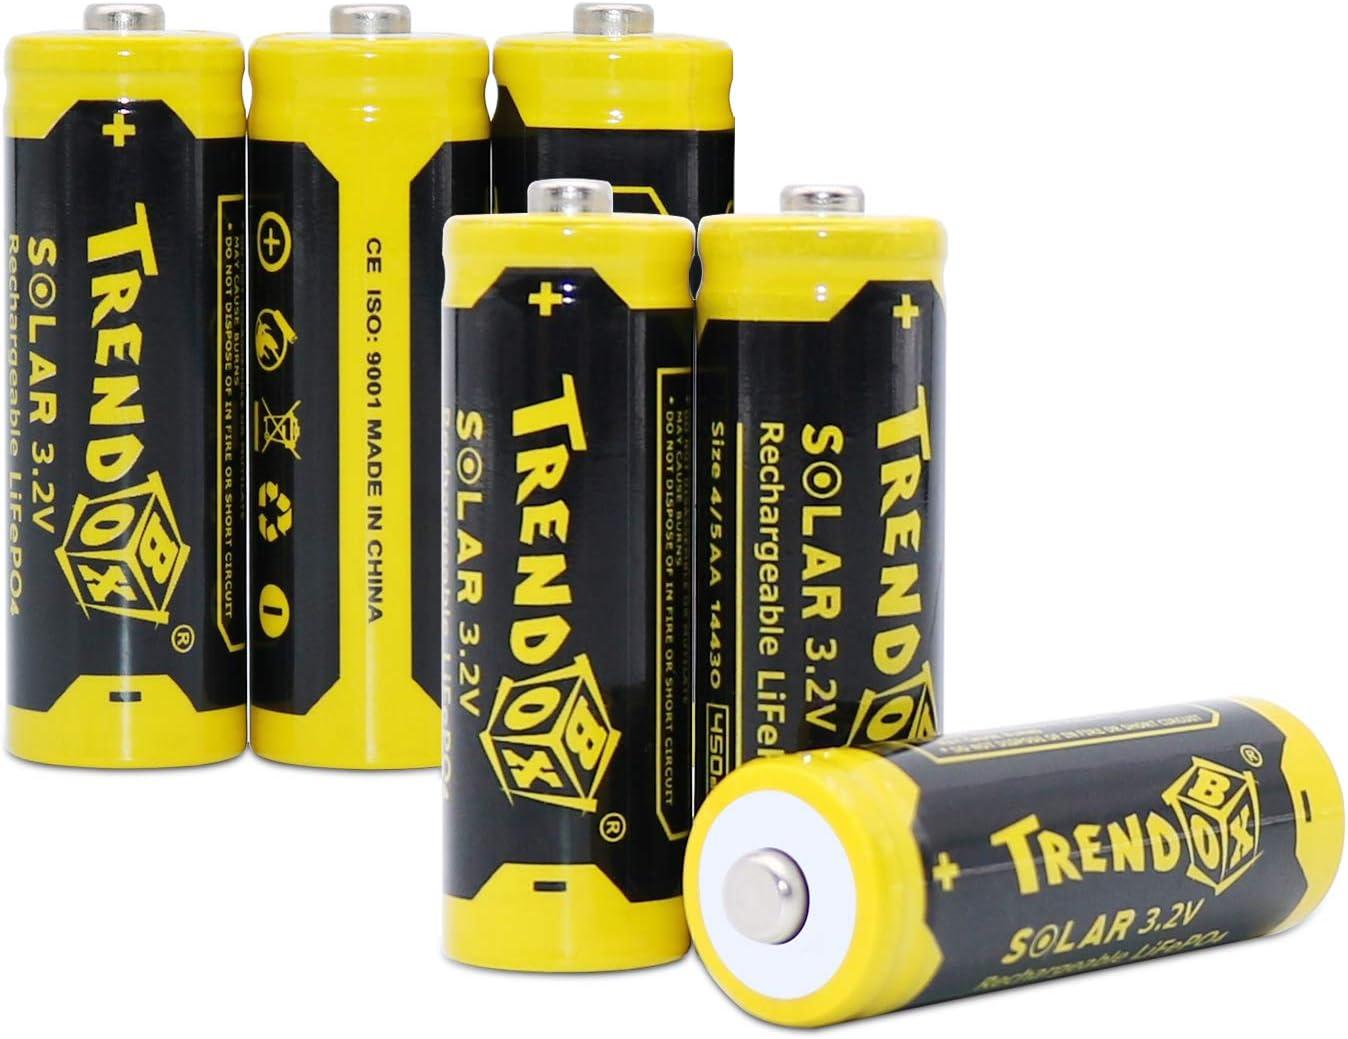 Trendbox 14430 3.2V 450mAh Battery LiFePo4 Rechargeable Solar Batteries for Outdoor Garden Light 6 Pack